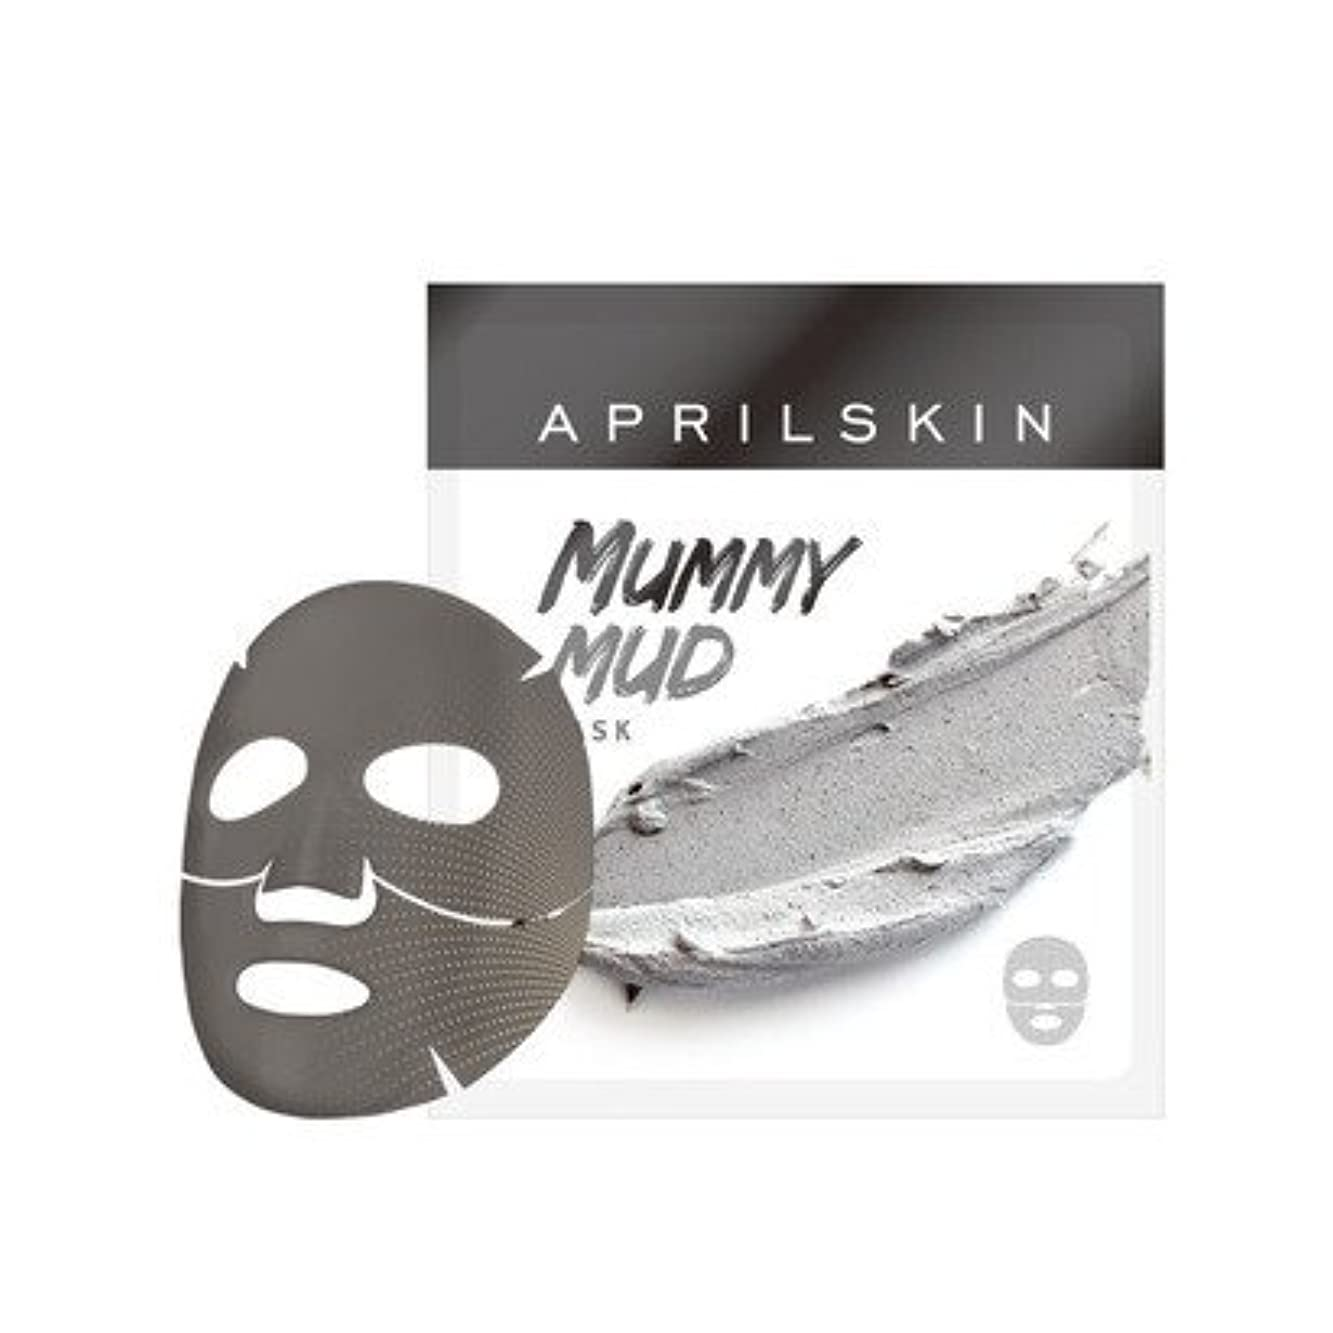 委任するシュガーかかわらずAPRILSKIN MUMMY MUD MASK/エイプリルスキン ミイラ泥マスク 1枚 [並行輸入品]